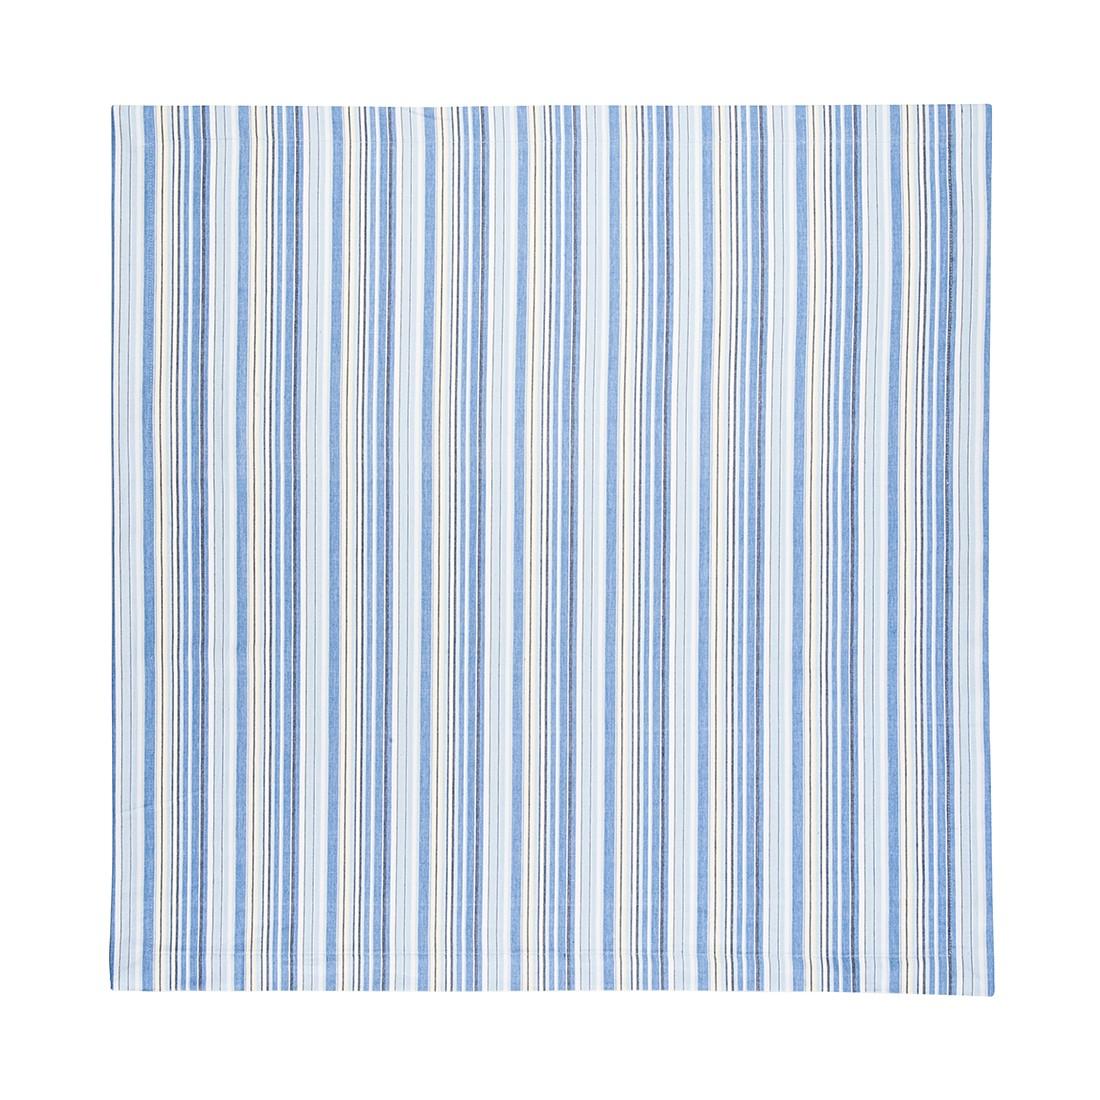 Tischdecke – Hellblau/Blau gestreift, Home24Deko online bestellen